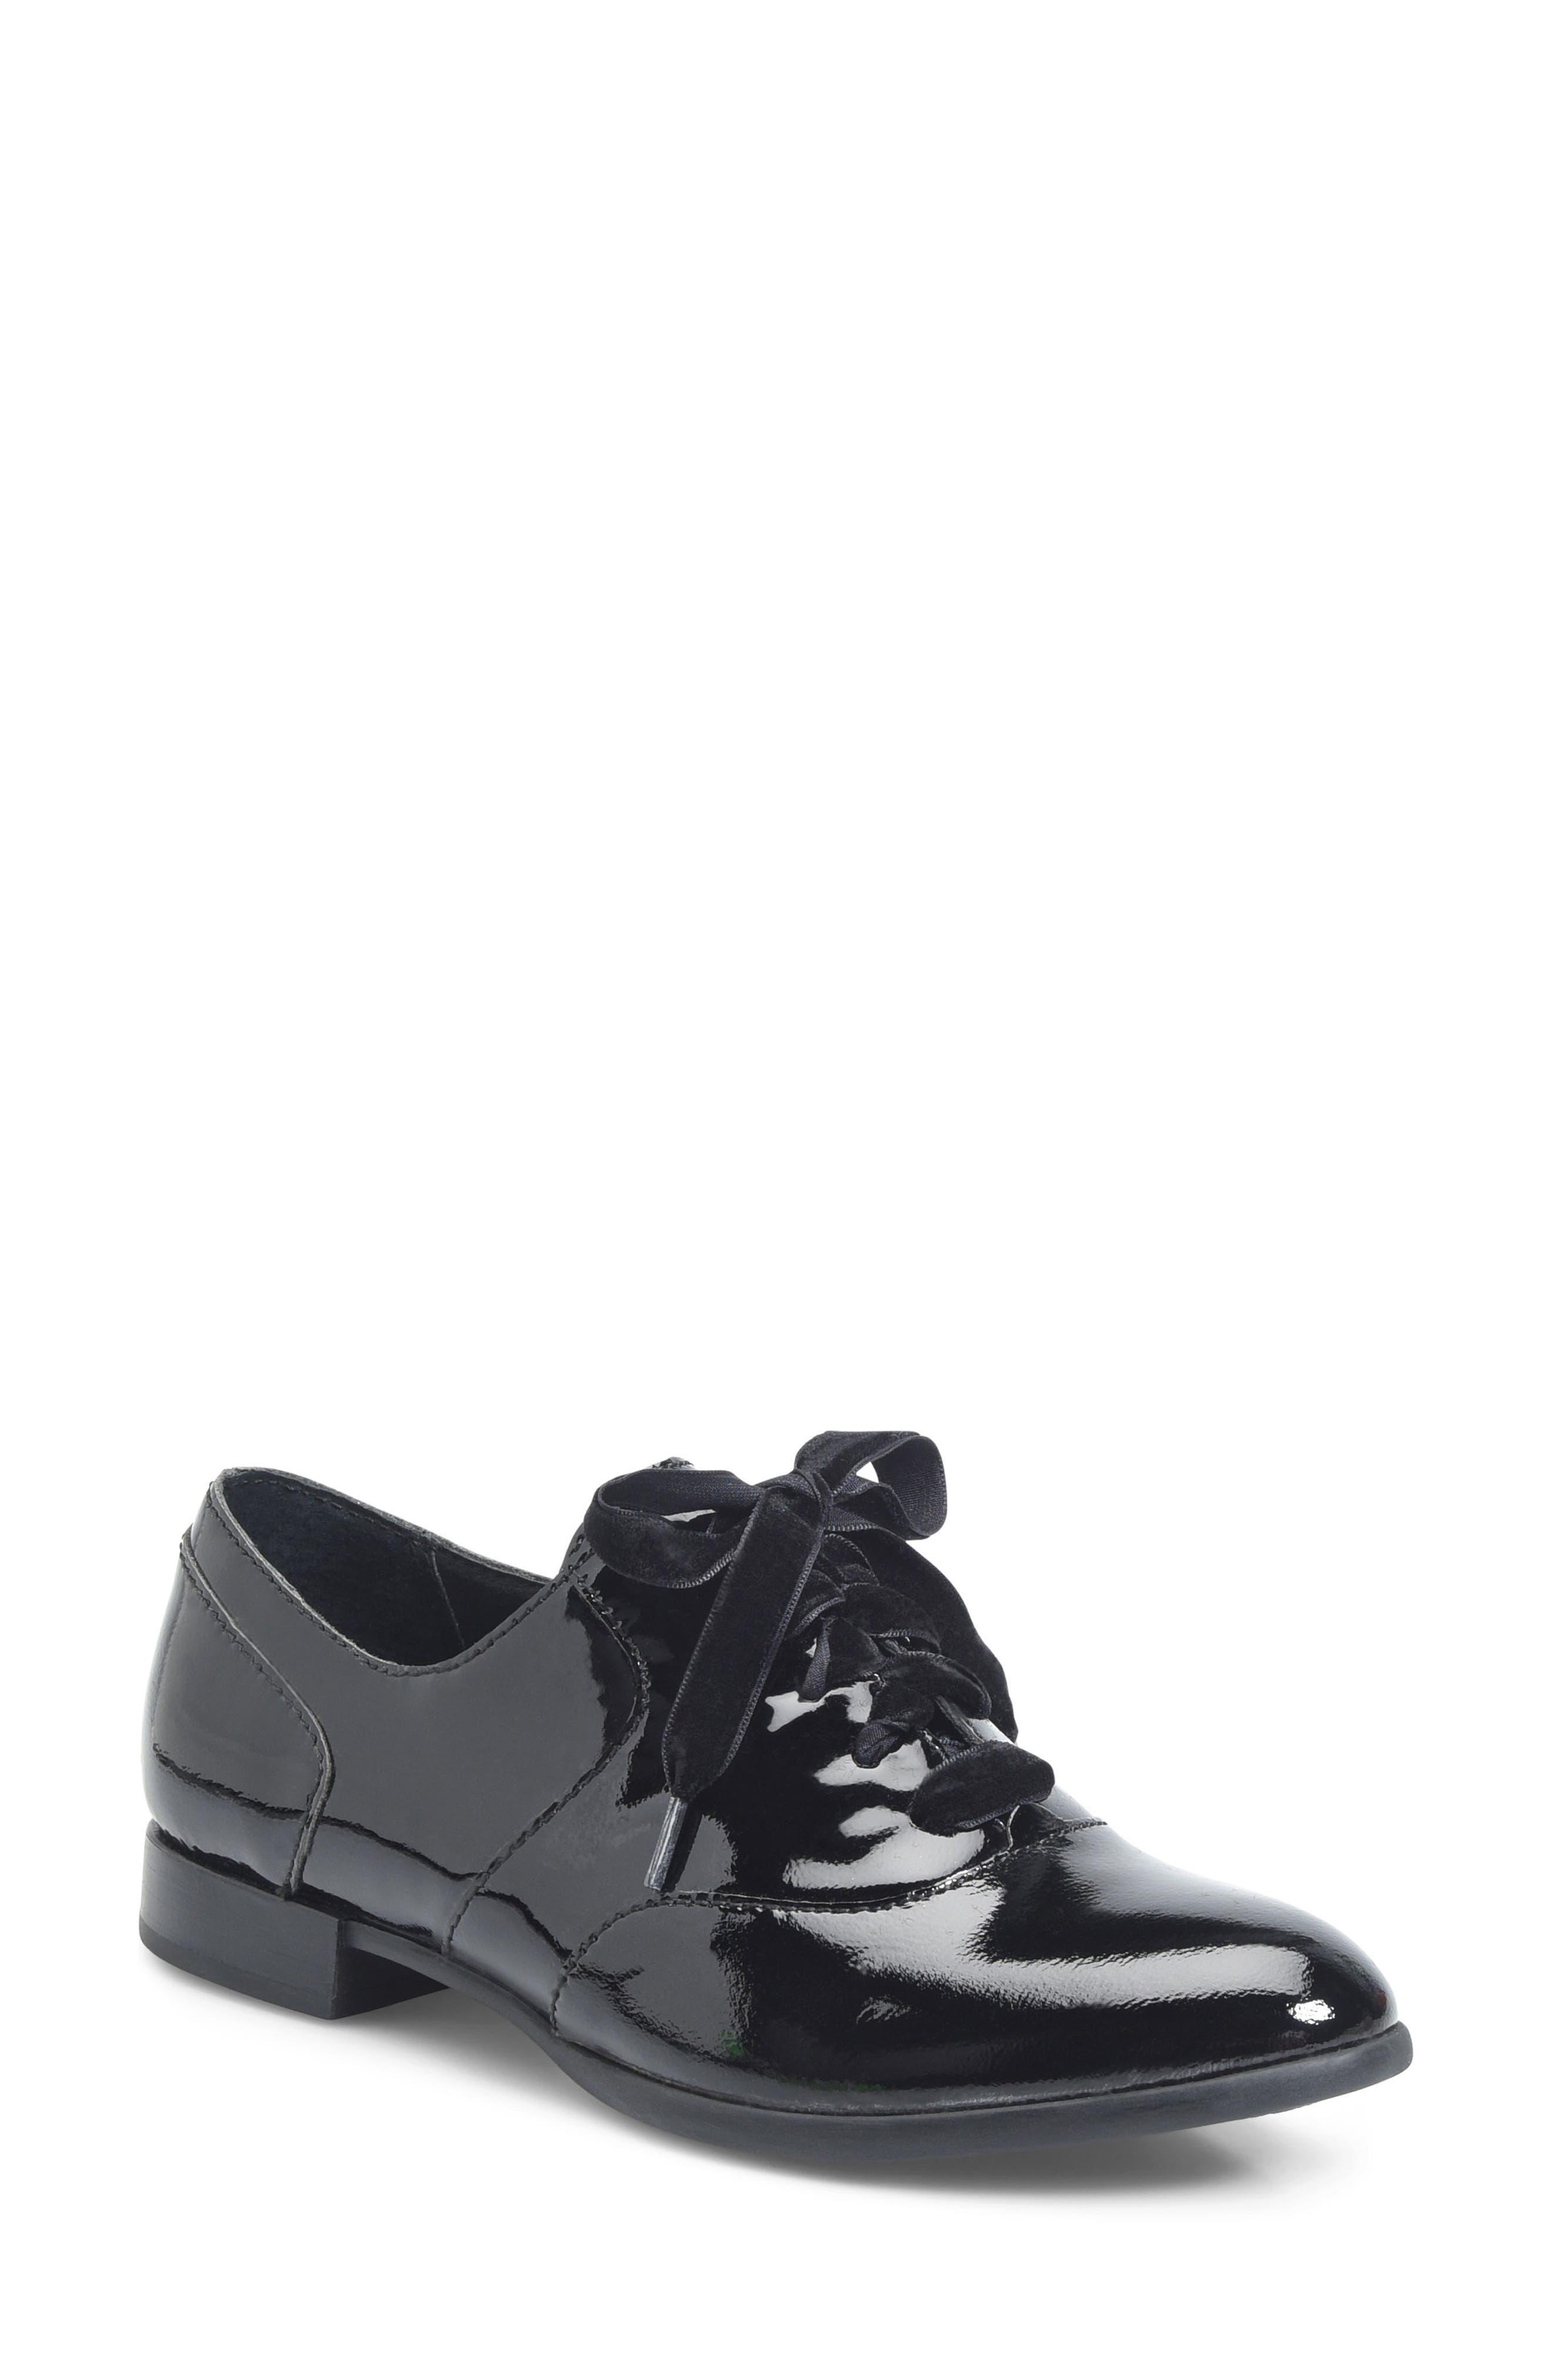 Eden Flat,                             Main thumbnail 1, color,                             Black Patent Leather